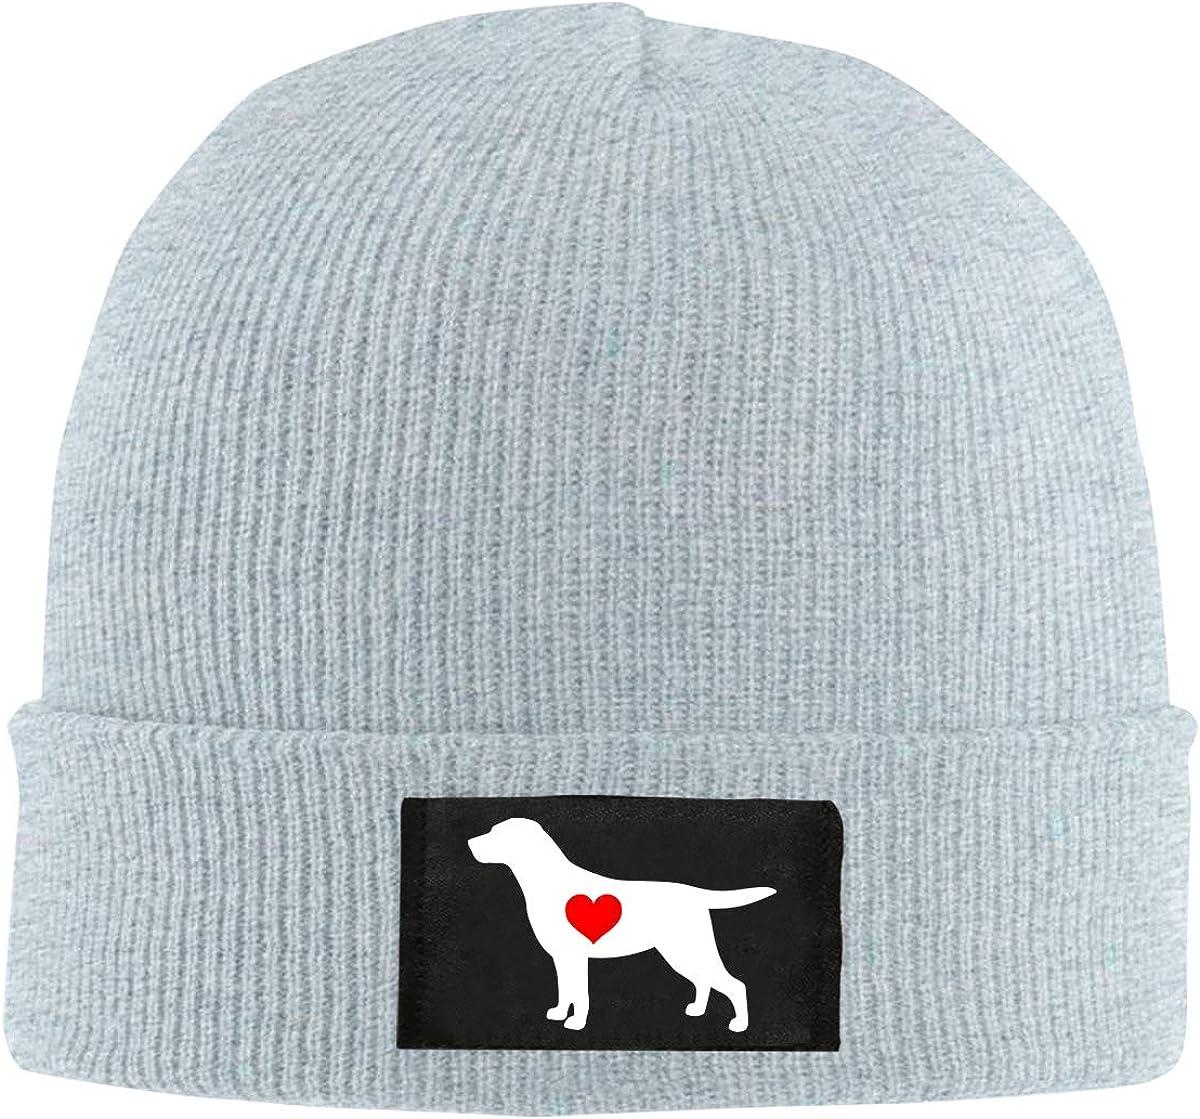 Dee O.STORE Mens Womens Labrador Heart Knit Beanie Hats 100/% Acrylic Skull Caps